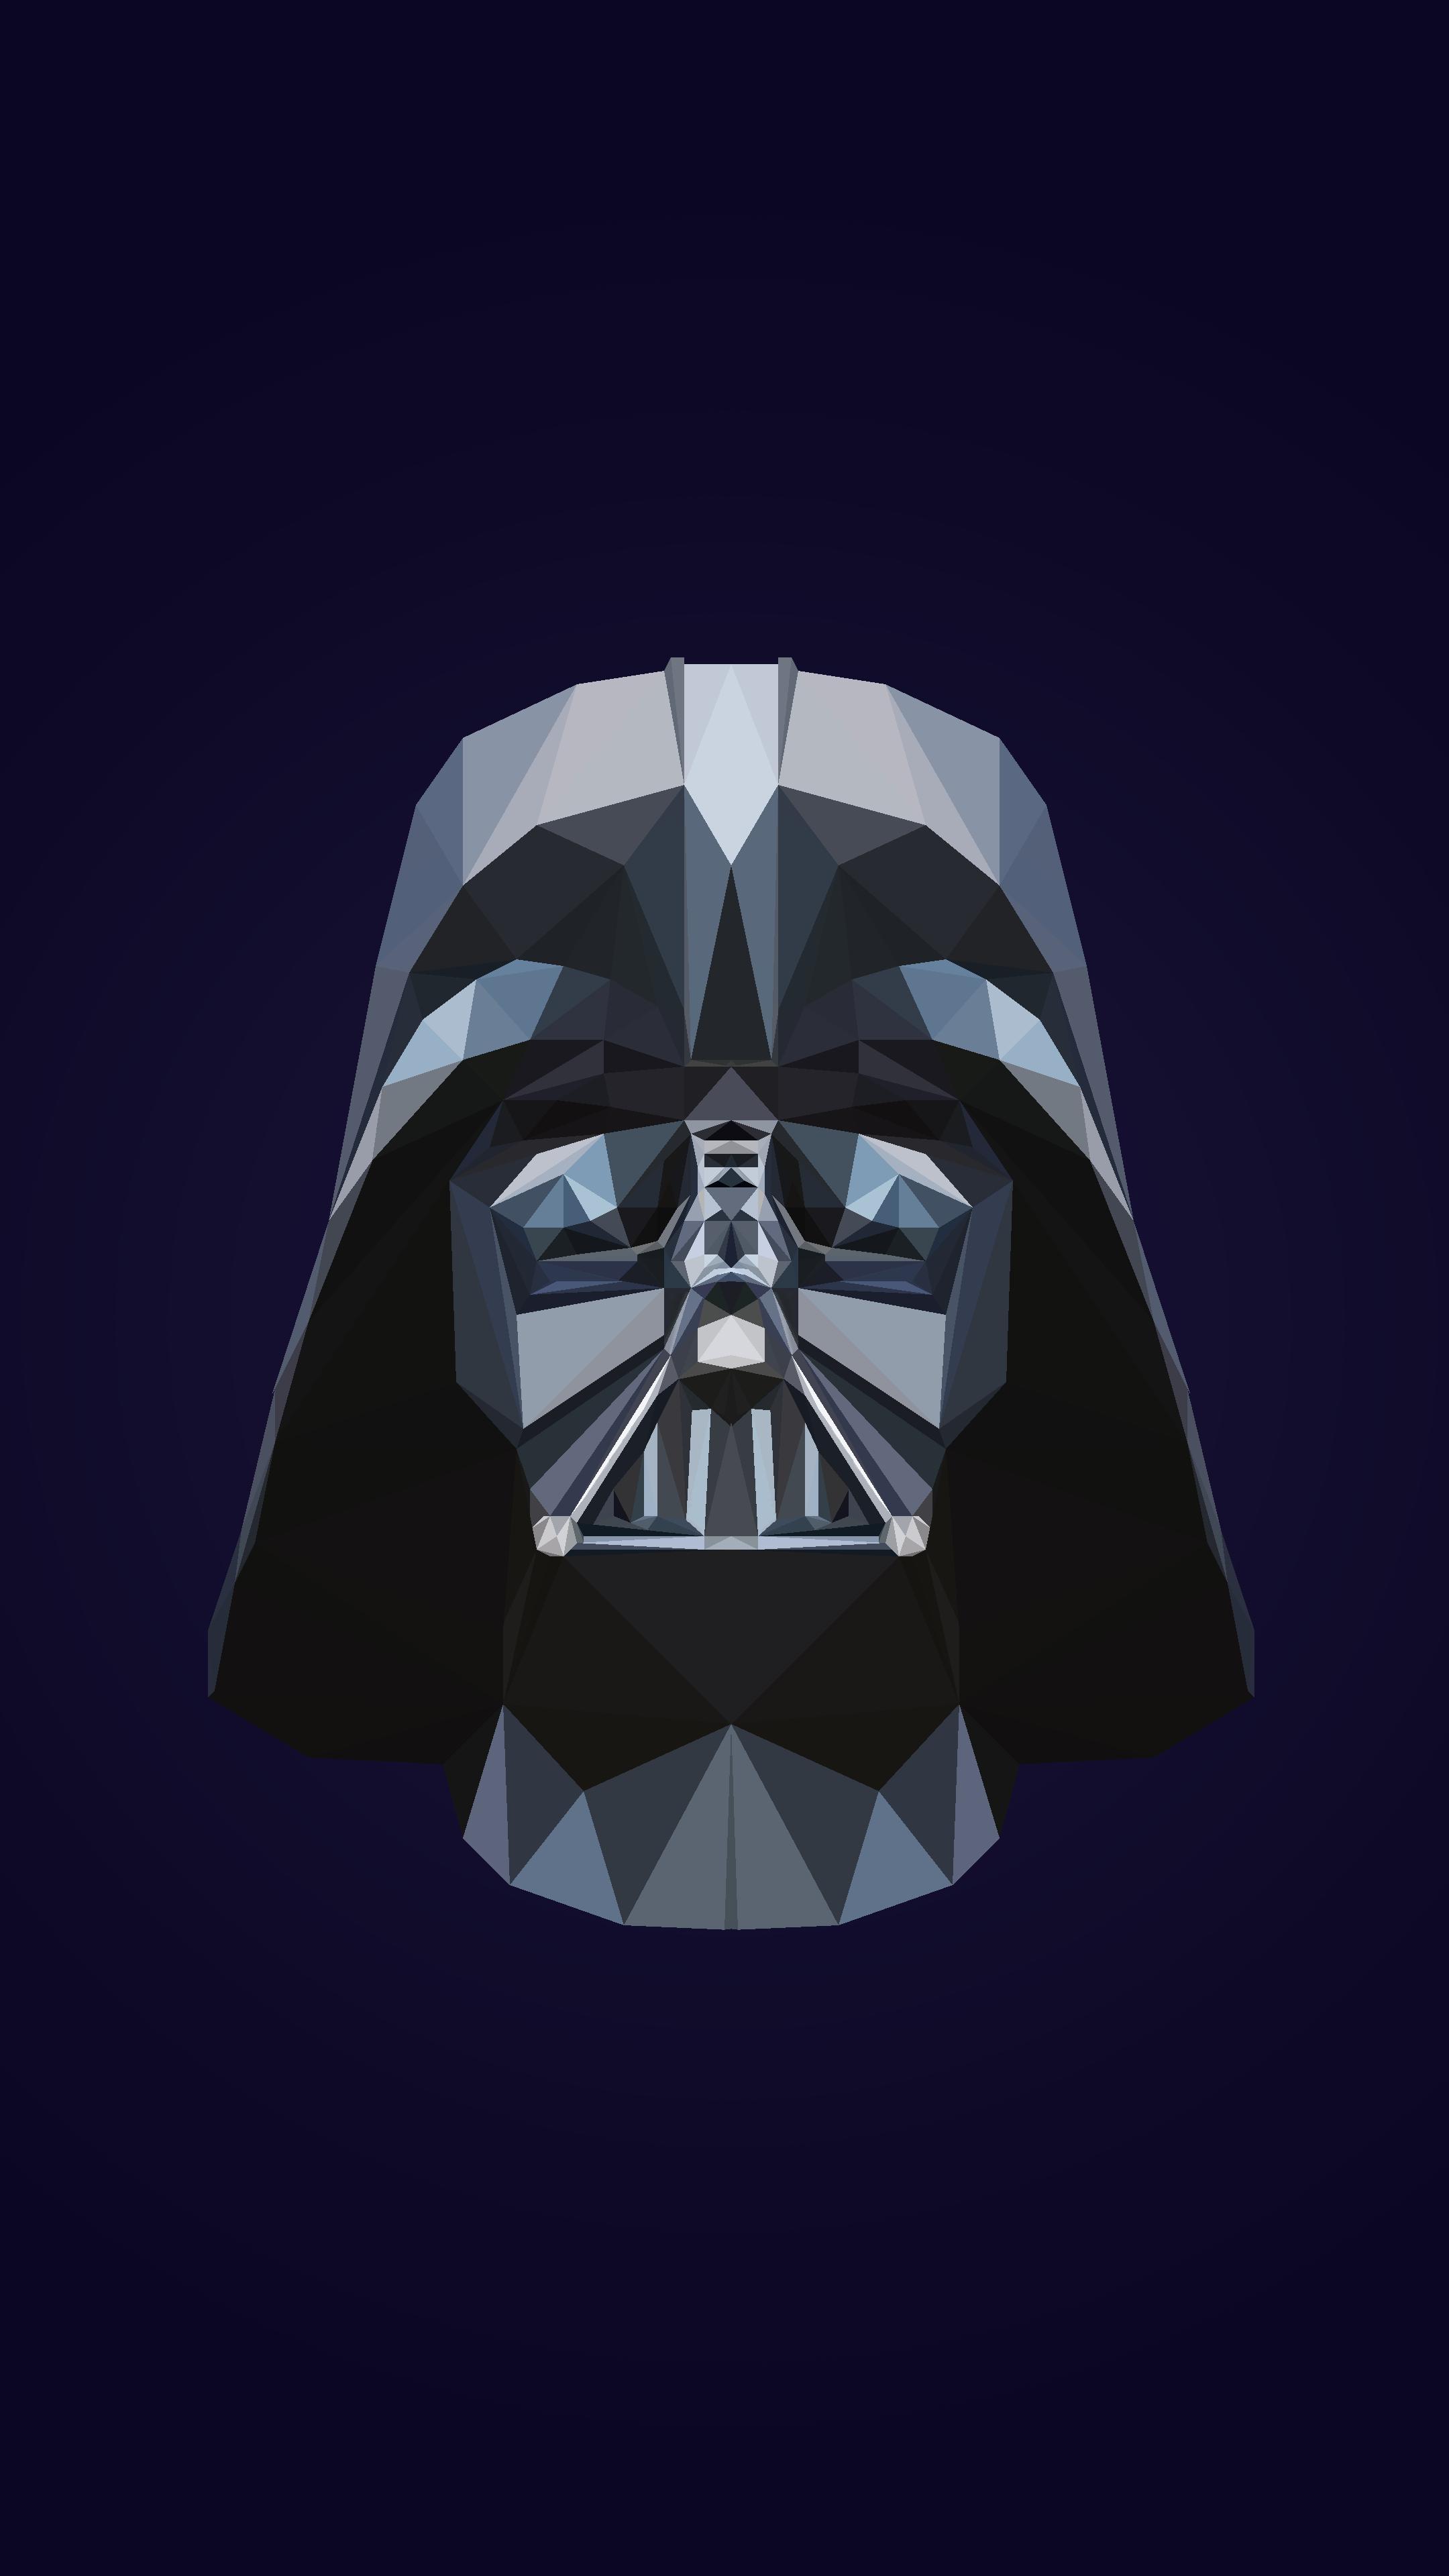 Ảnh nền dành cho điện thoại chất lượng 4k - Darth Vader